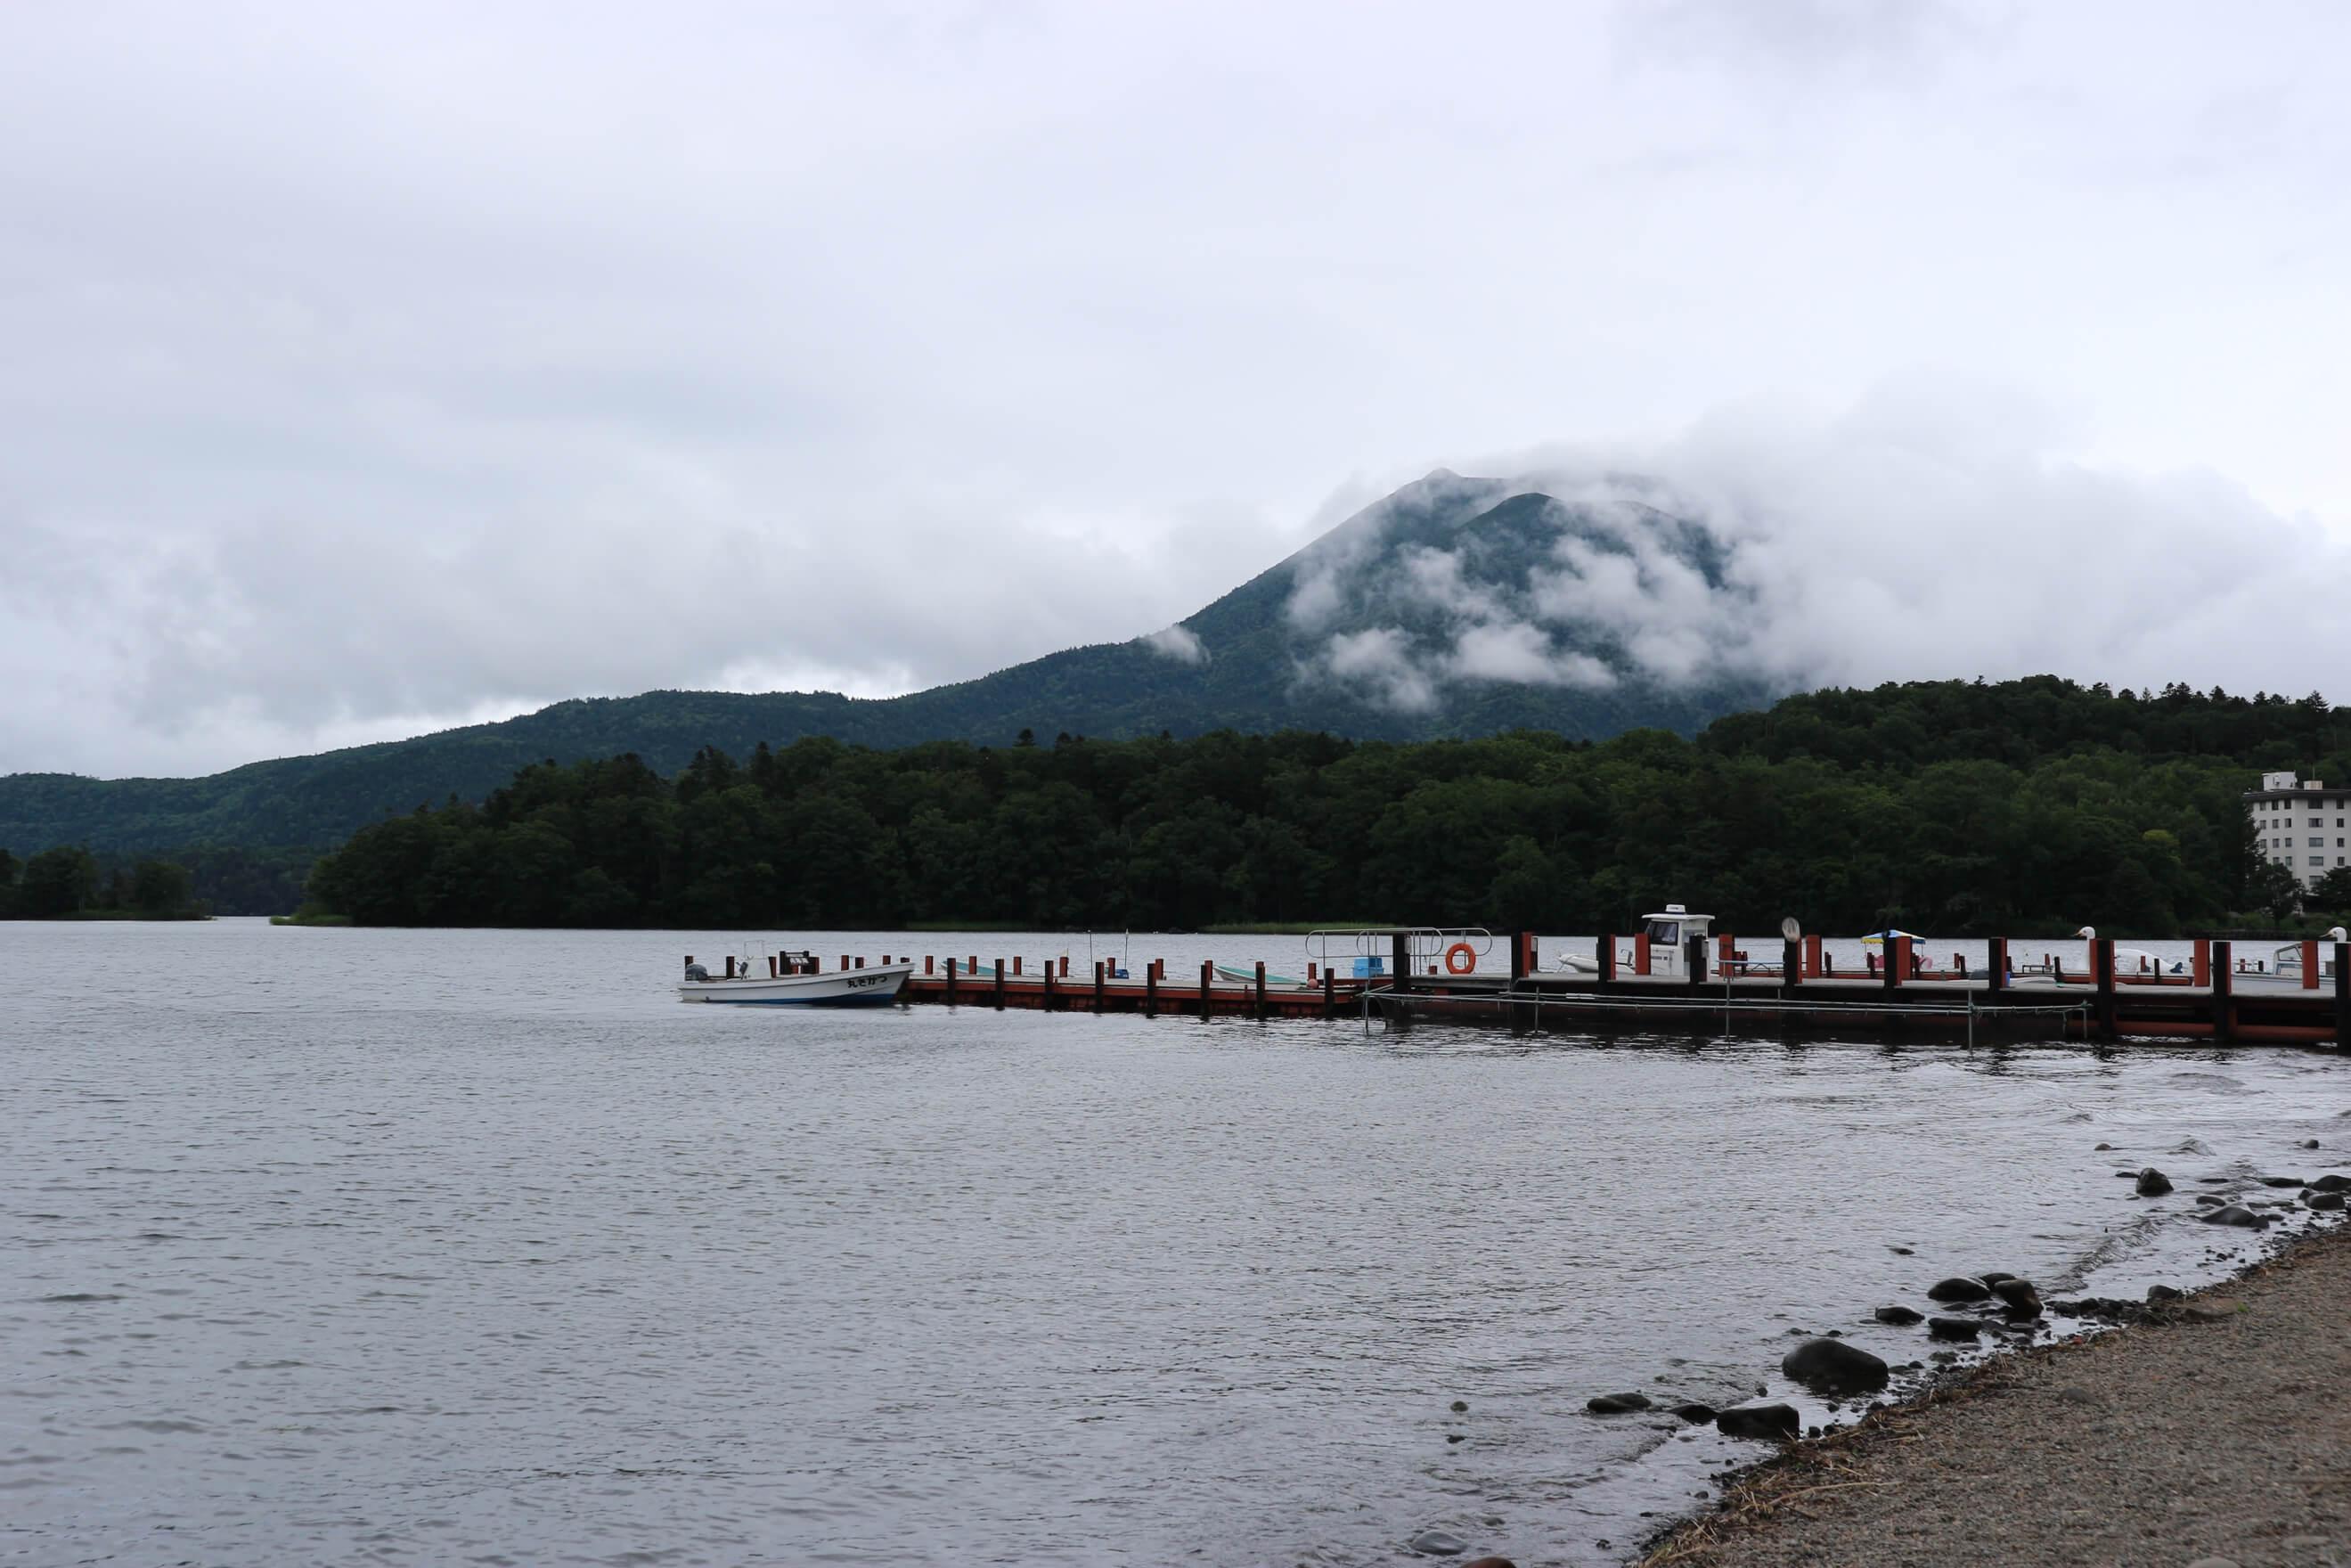 akan gölü - kuzey japonya'da gezilecek yerler - hokkaido